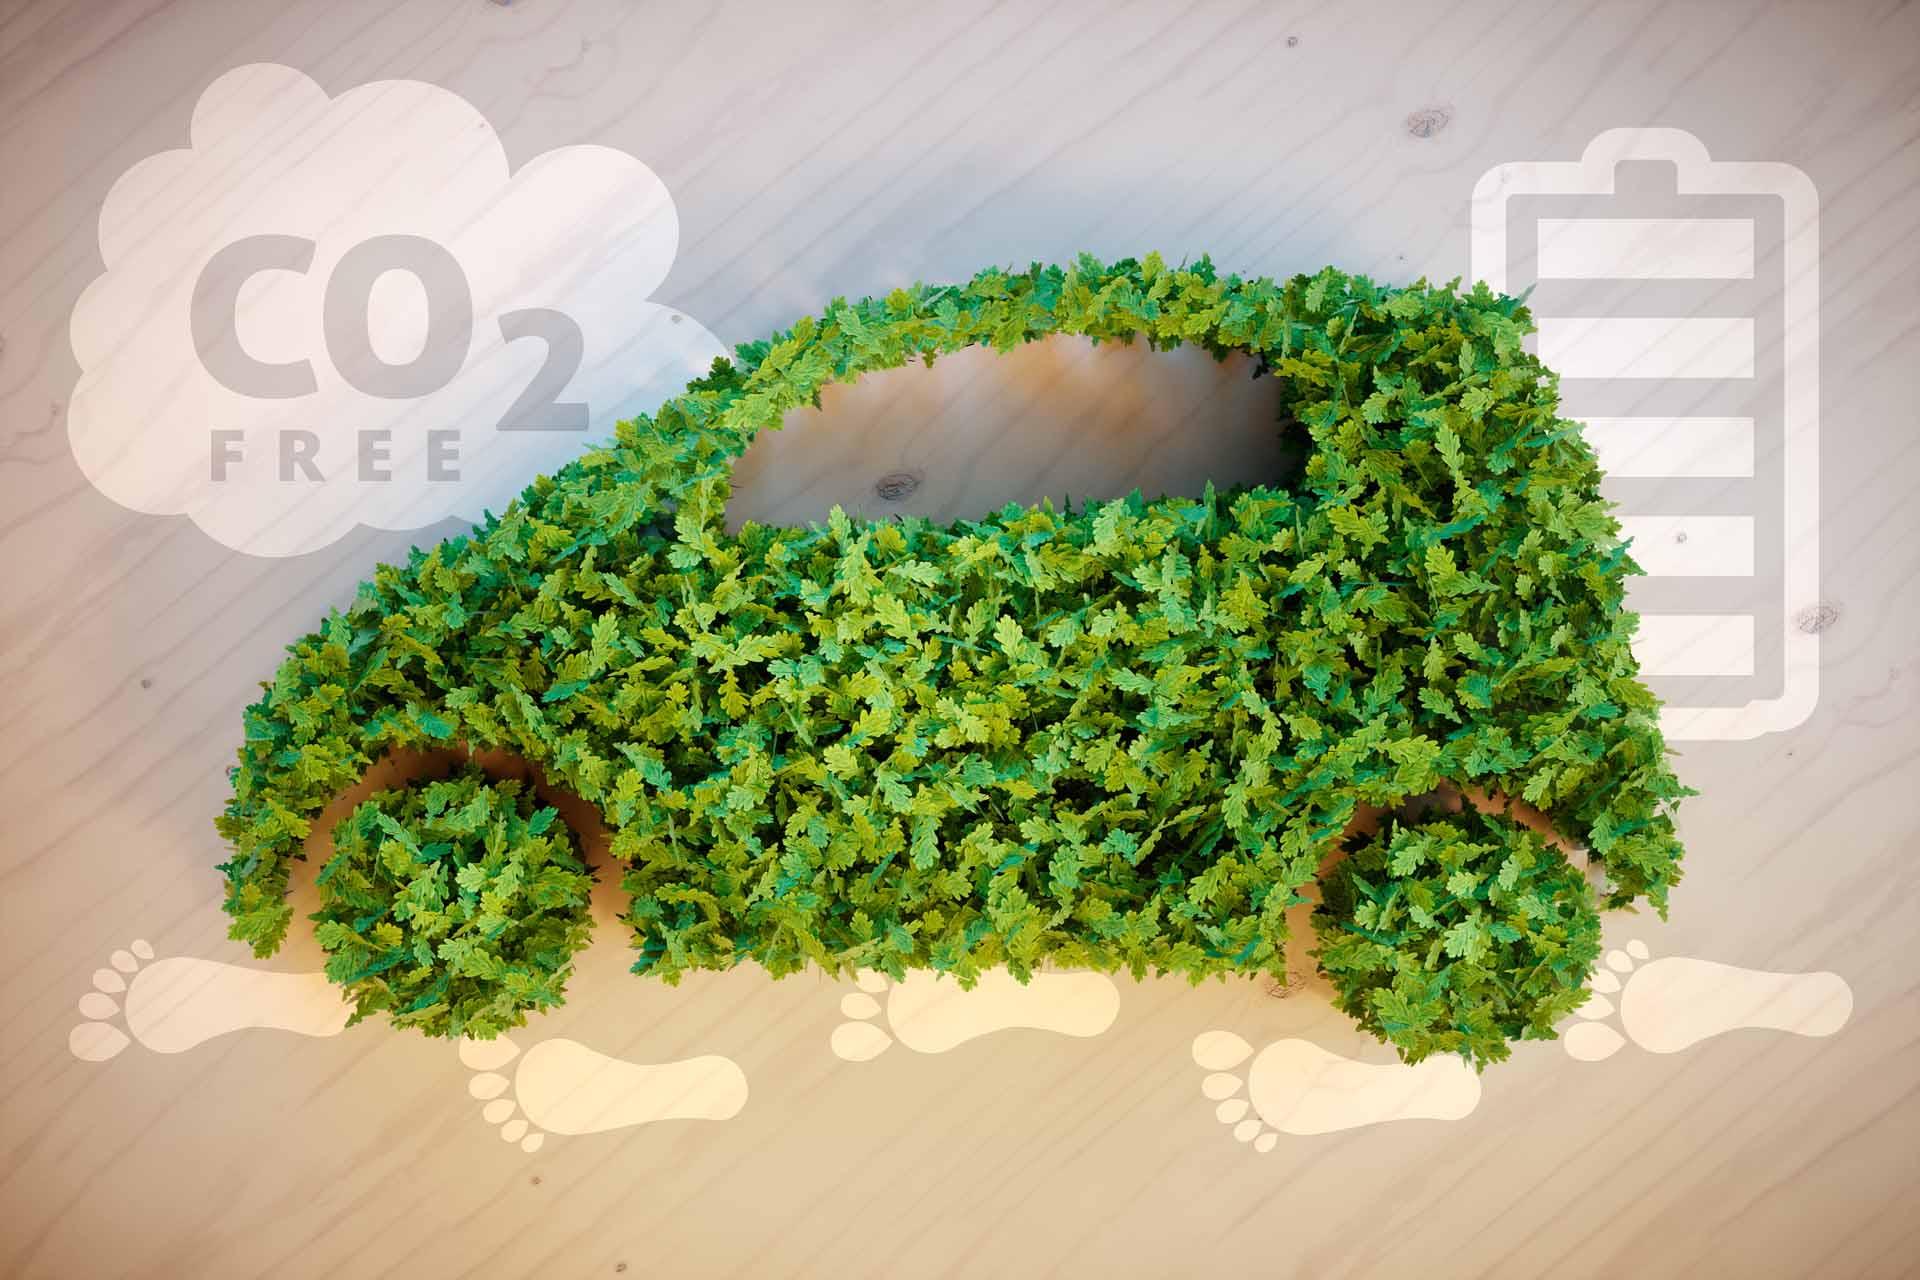 Ein Auto aus Blättern mit einer CO2 Wolke und Batterie im Hintergrund.